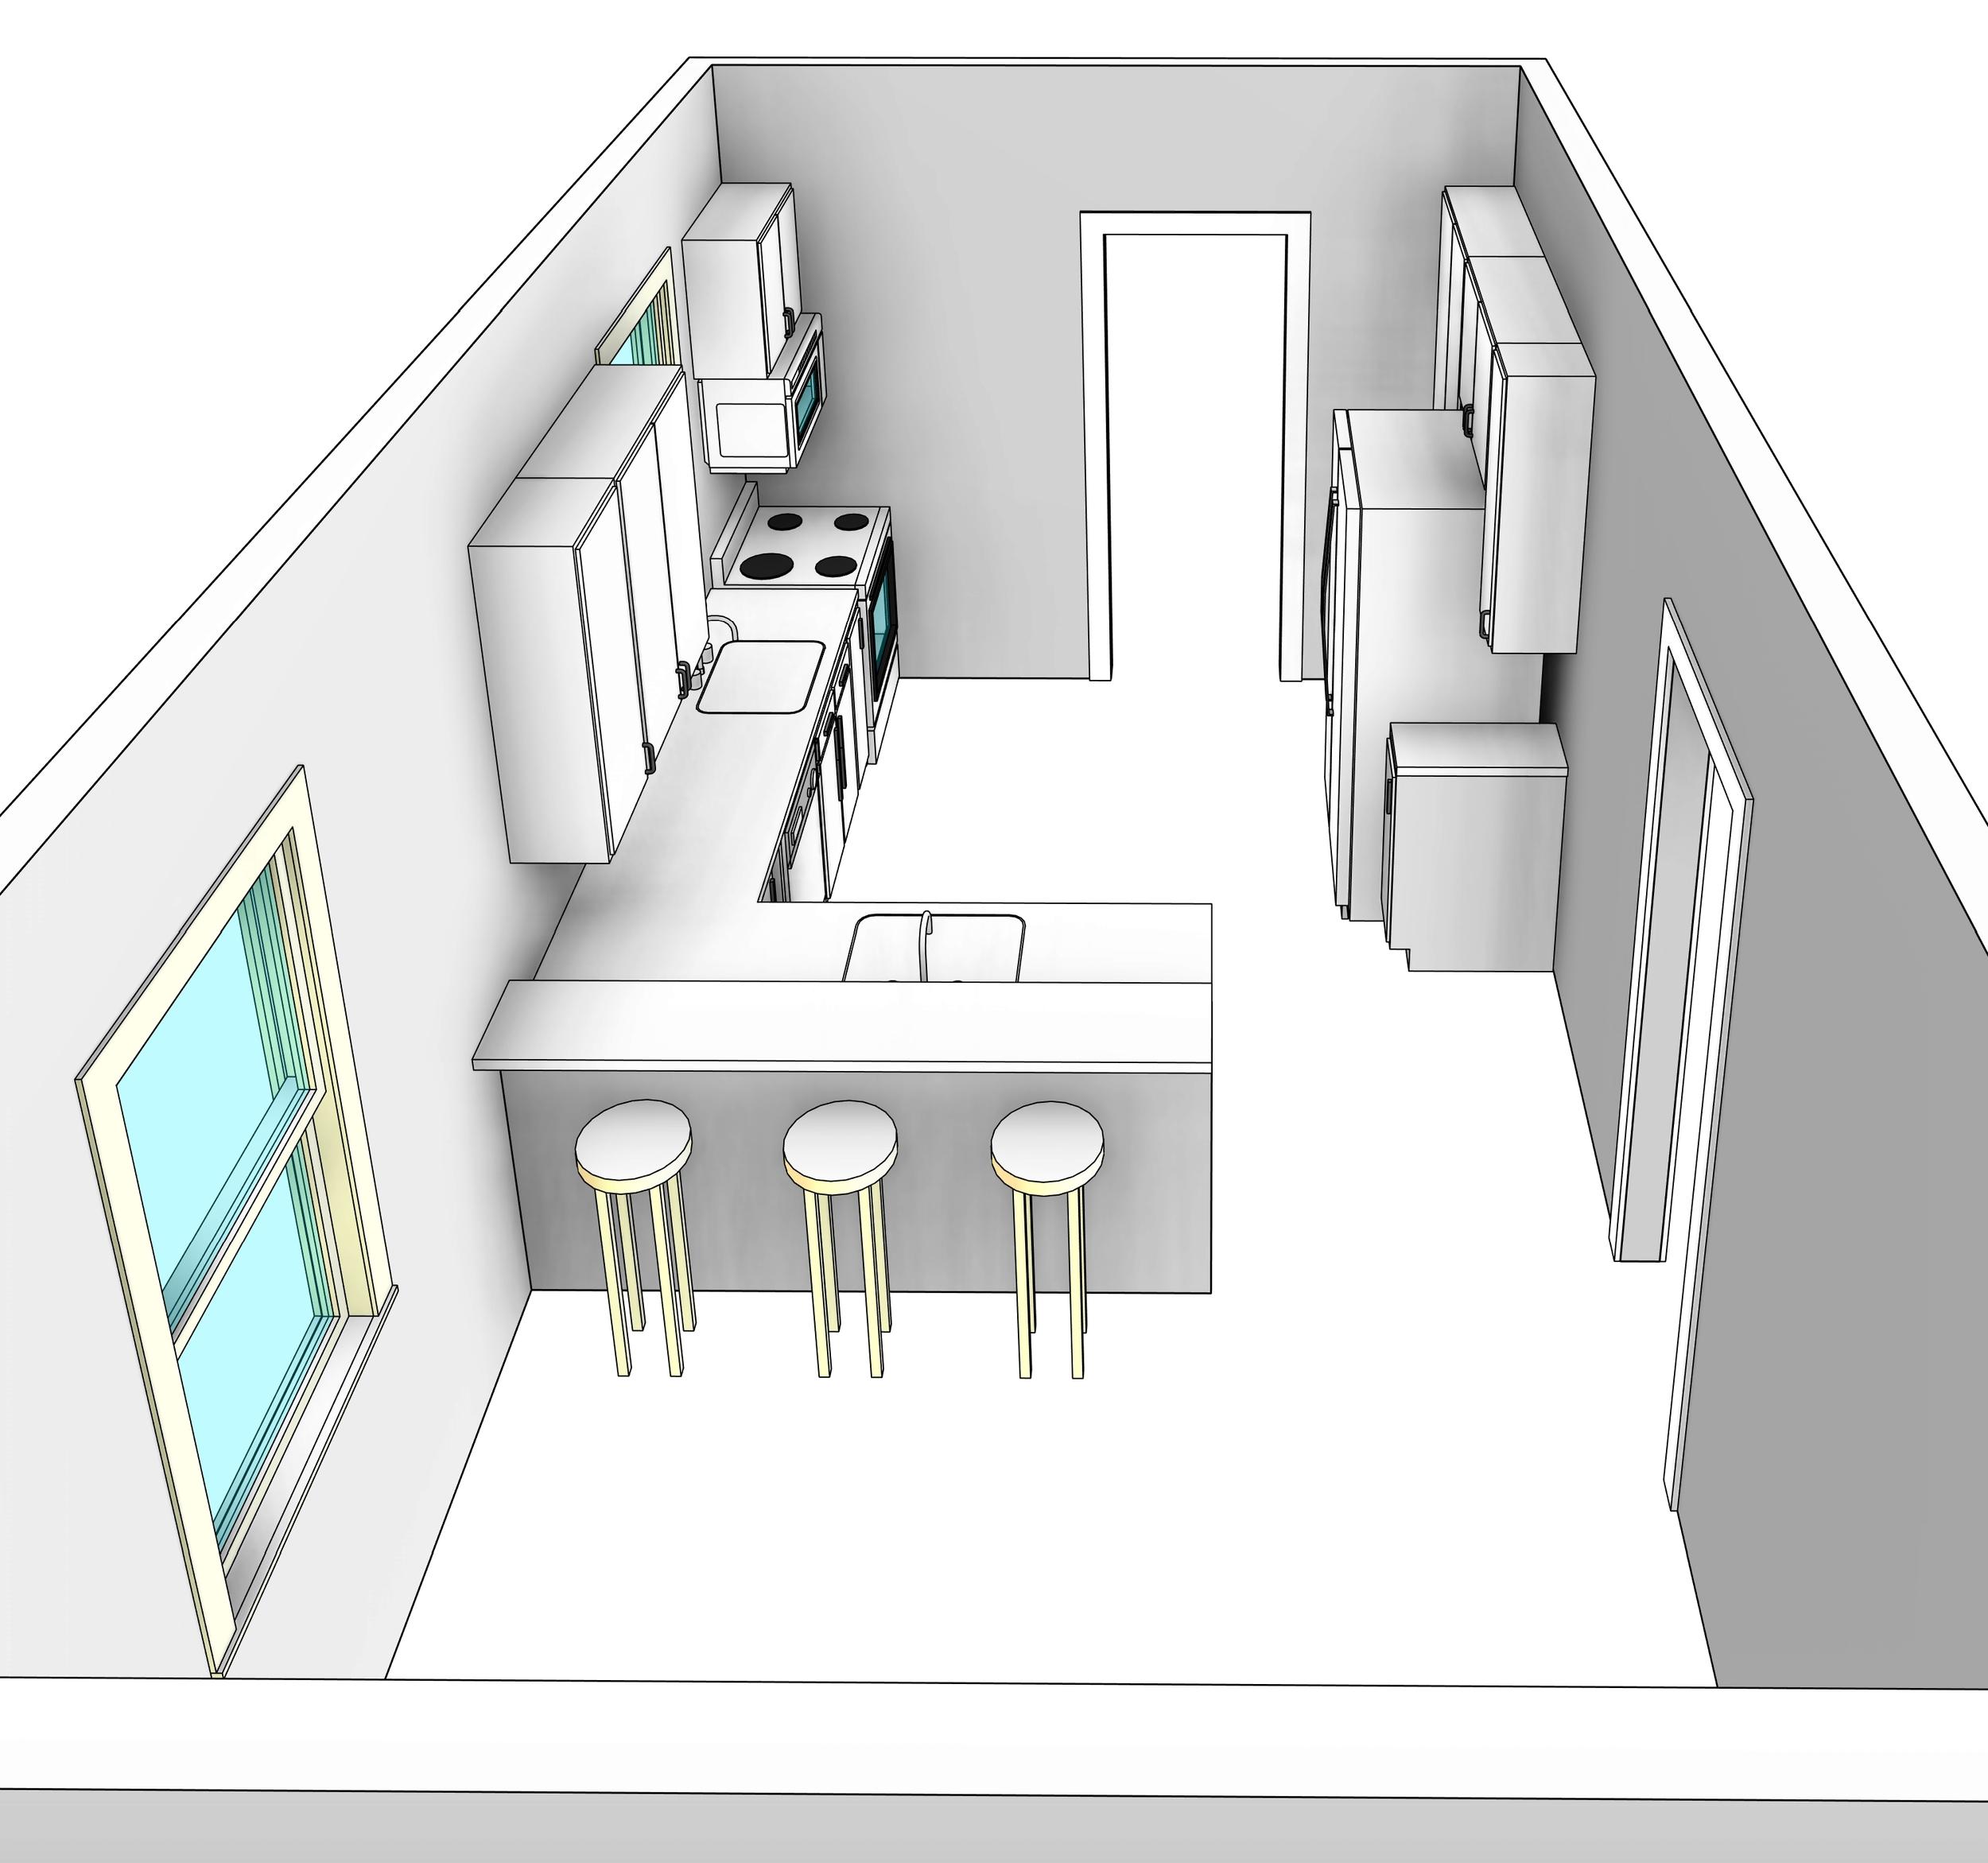 Design Option 3d View